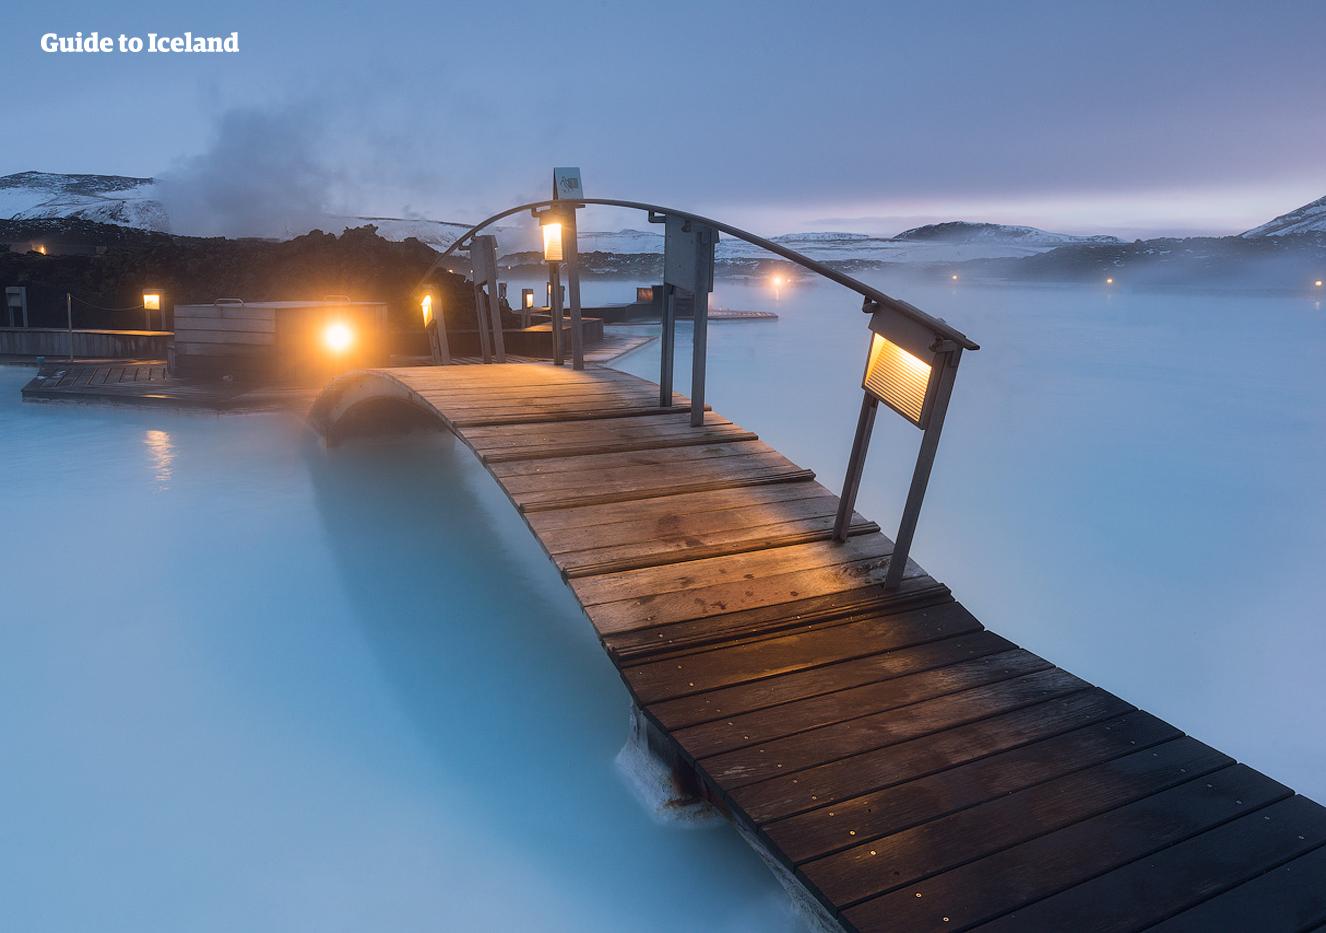 Najstarsza latarnia morska na Islandii znajduje się na półwyspie Reykjanes i nazywa się Reykjanesvíti.